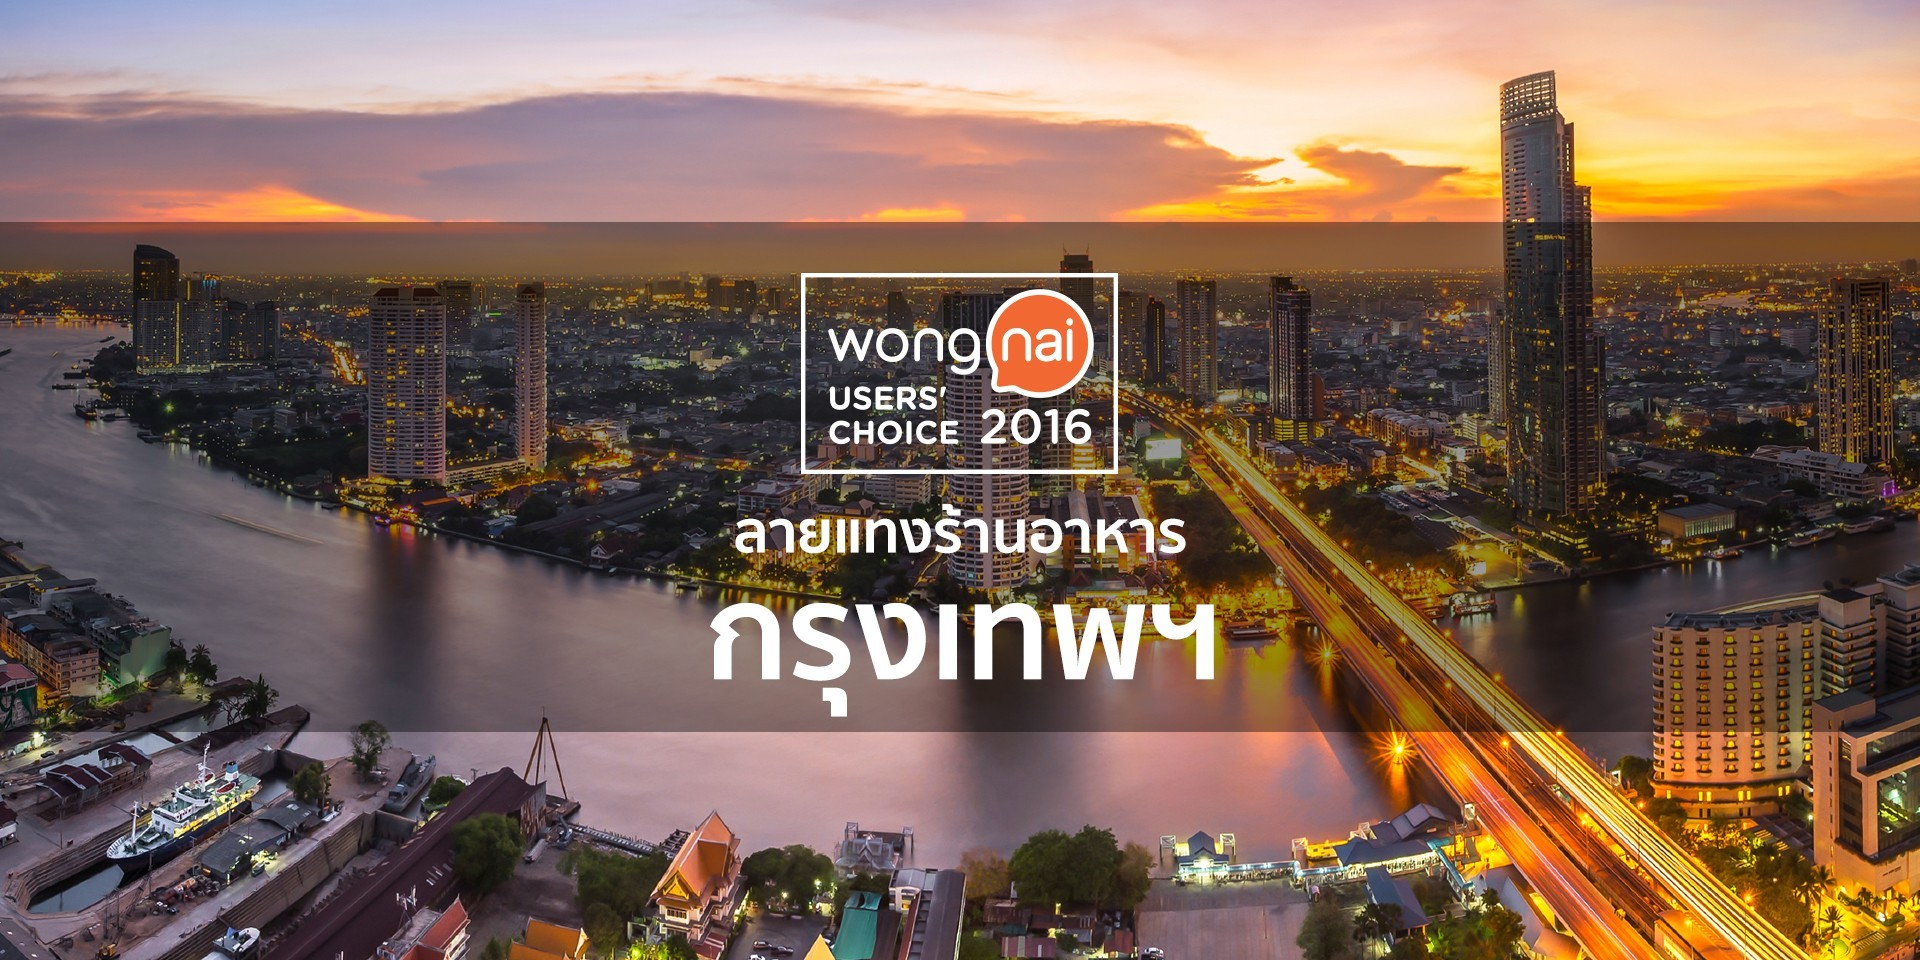 """ร้านอาหารยอดนิยมในกรุงเทพฯ จาก """"Wongnai Users' Choice 2016"""""""